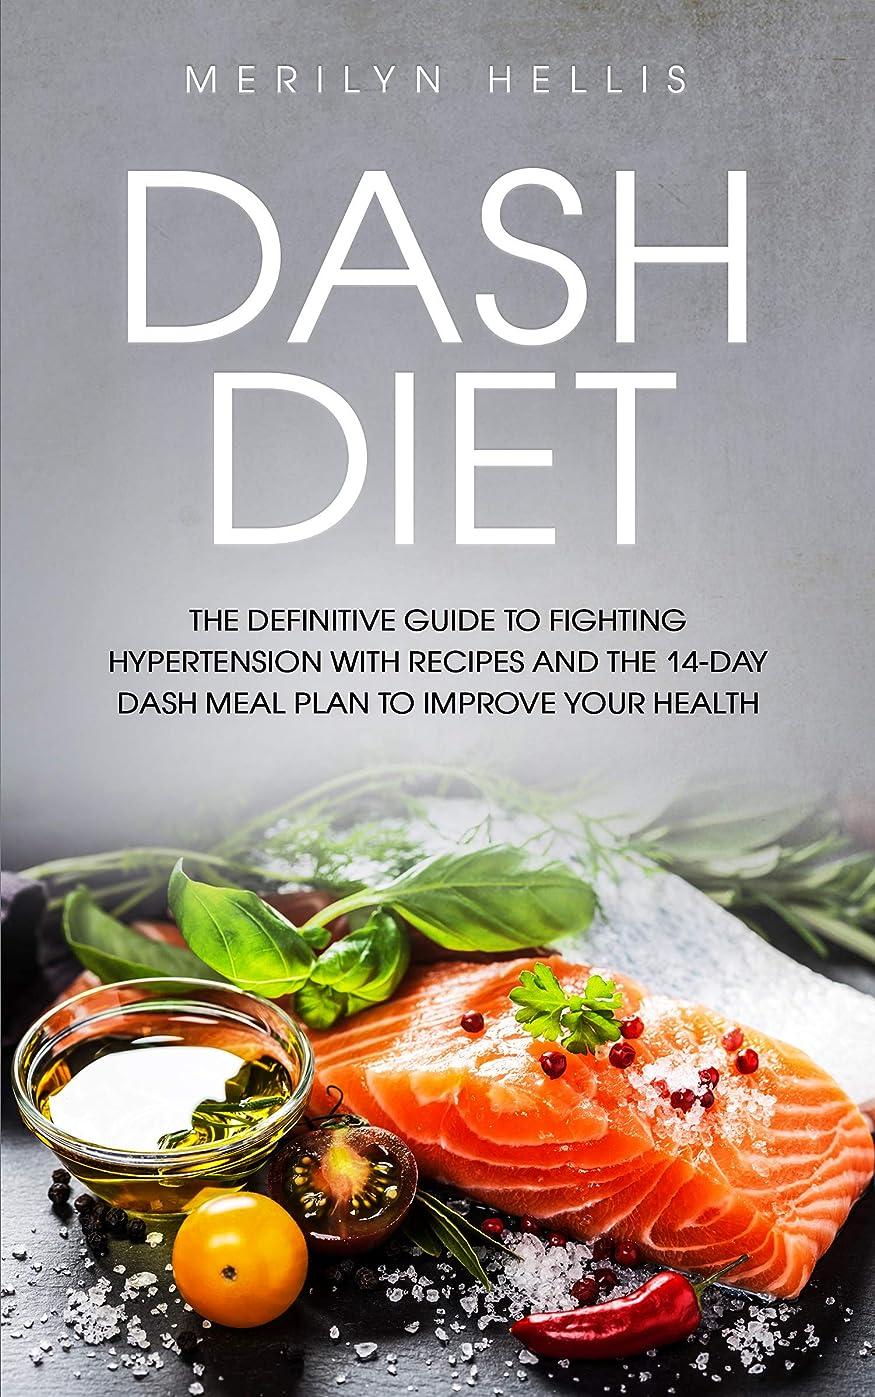 スポーツをする殺人者化石Dash Diet: the definitive guide to fighting hypertension with recipes and the 14-Day dash meal plan to improve your health. (English Edition)